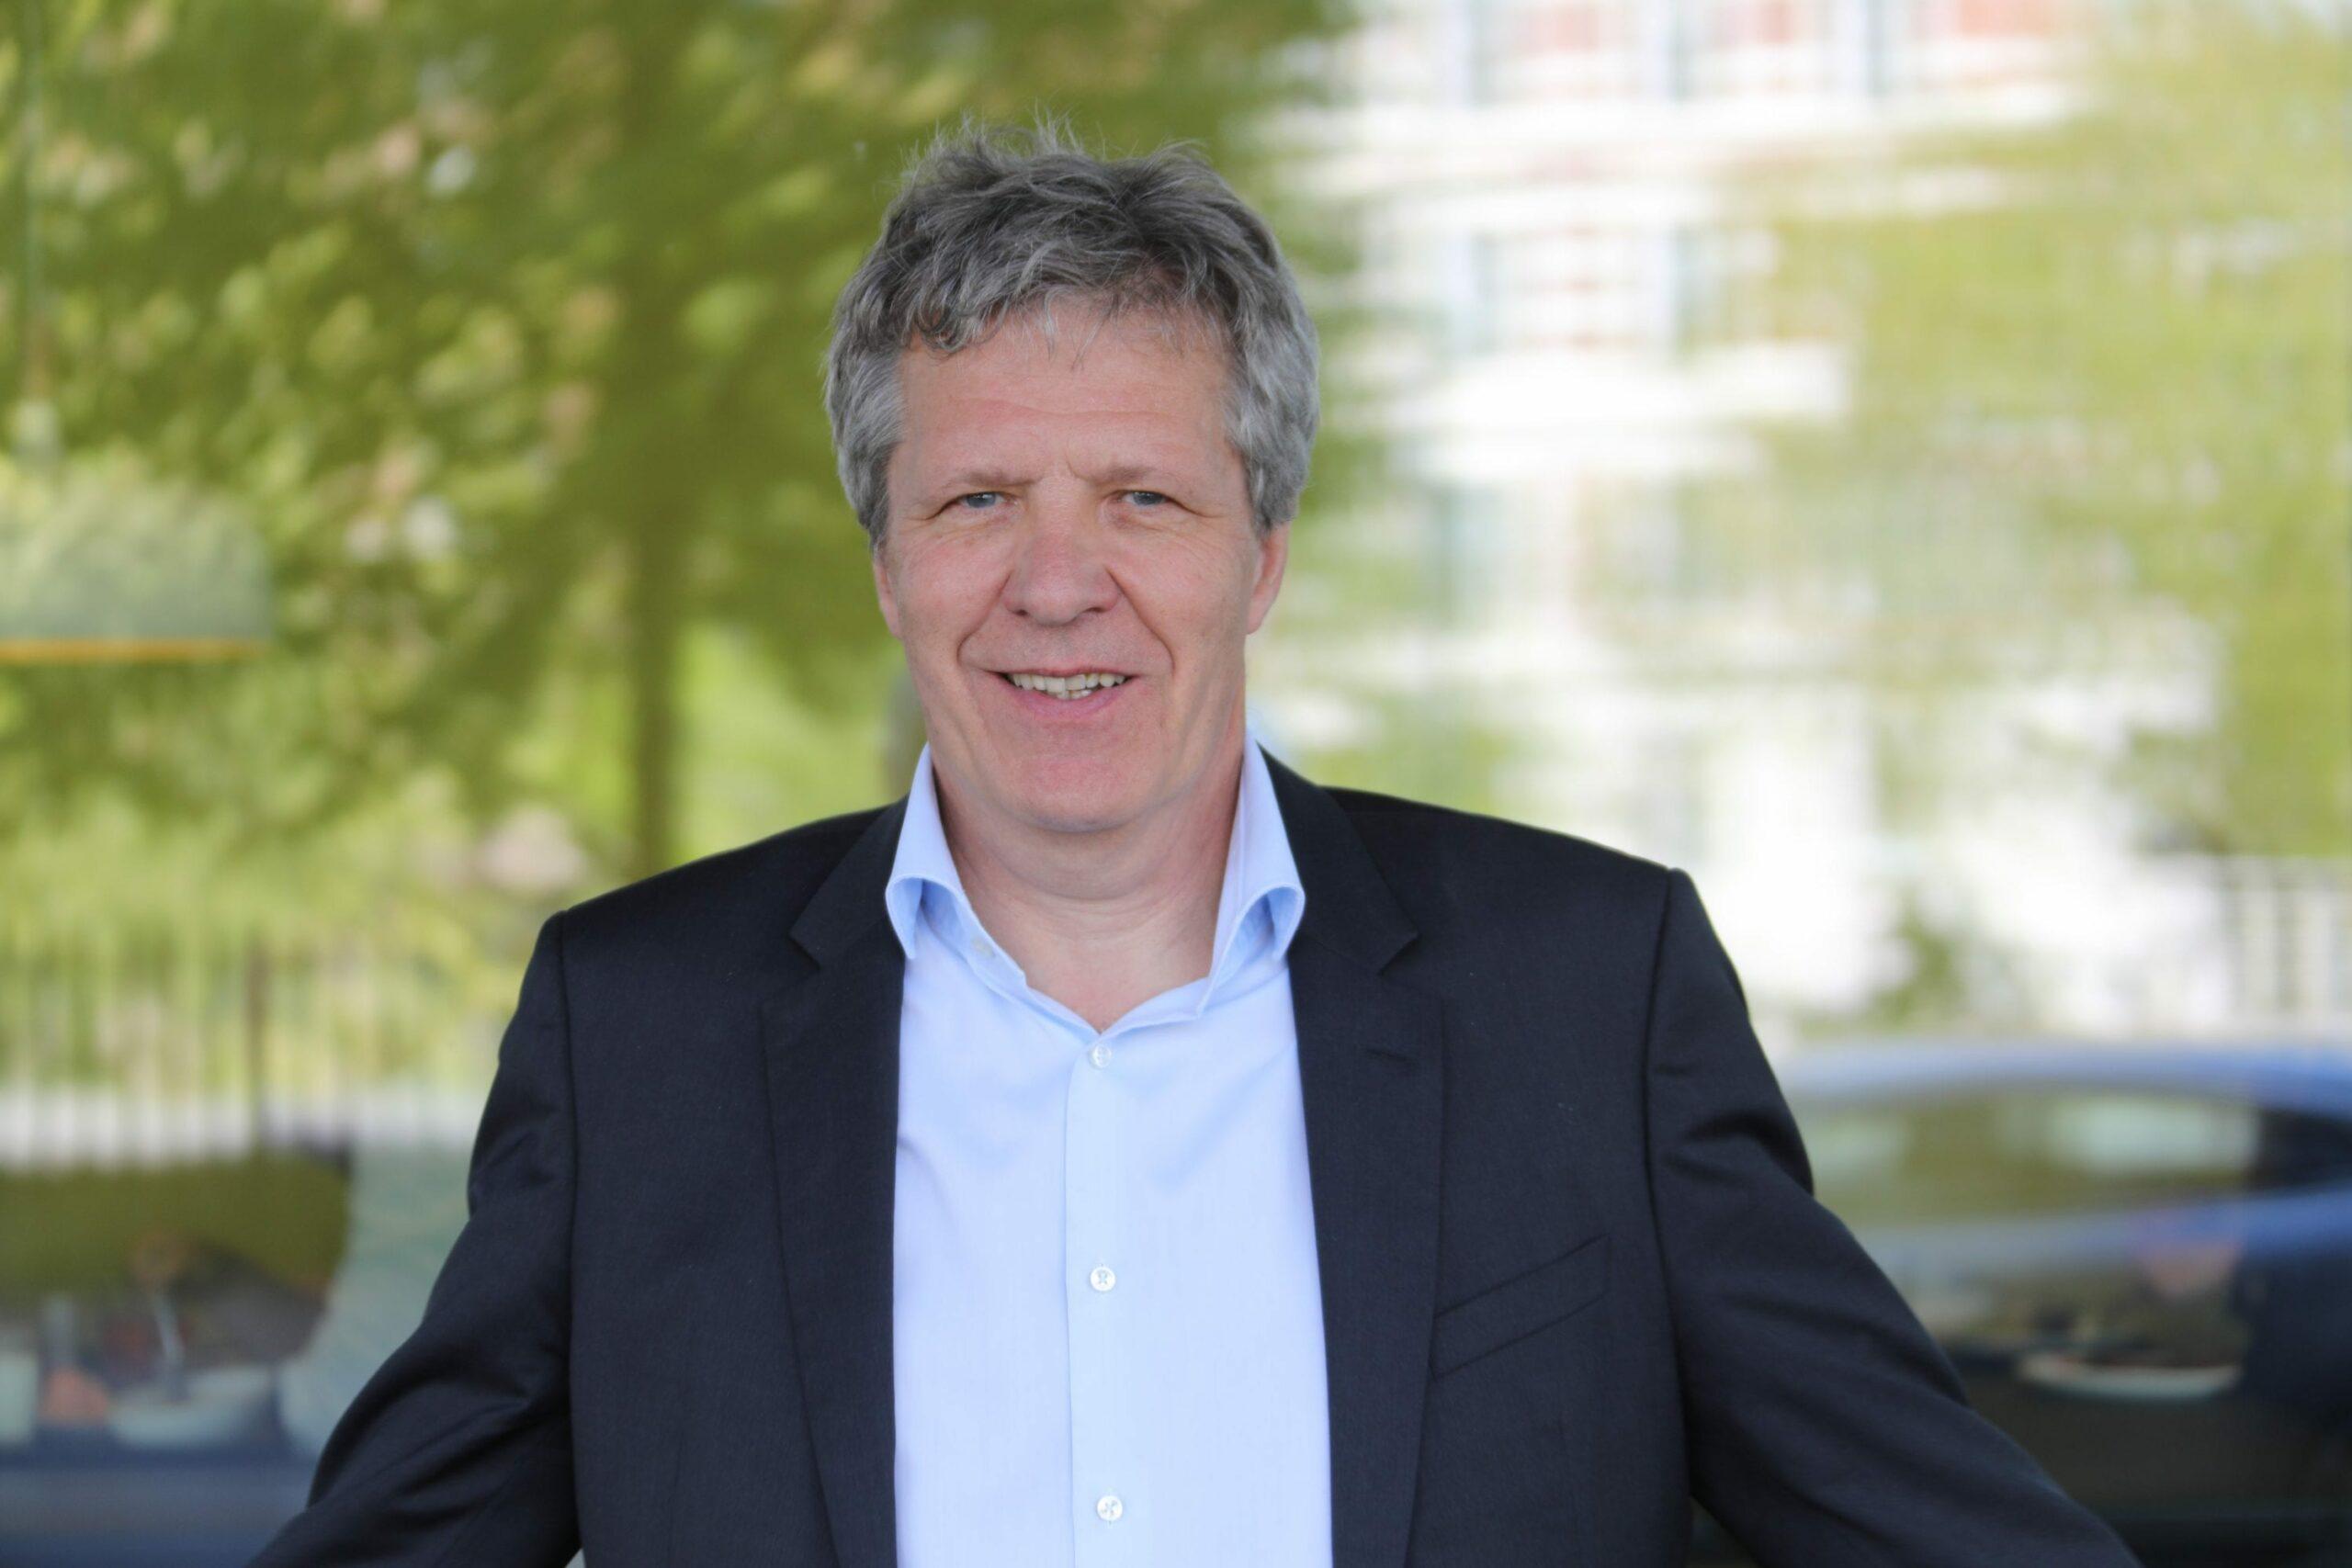 RÅD: Advokat Sigurd Øyvind Kambestad gir svar på spørsmål til deg som arbeidstaker. Foto: Trygve Bergsland/Parat